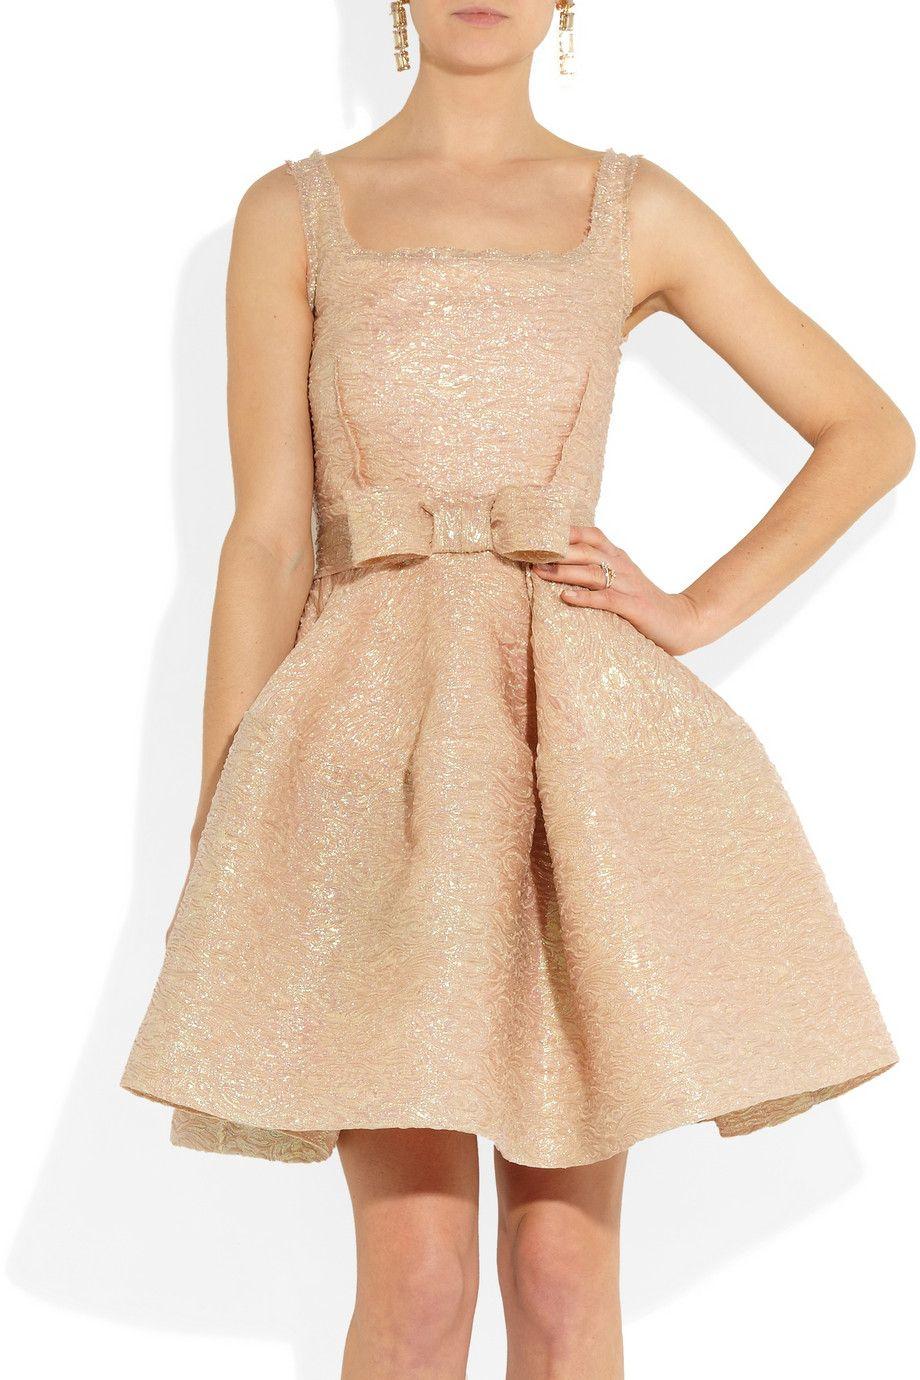 Lanvin|Bow-embellished textured-crepe dress.